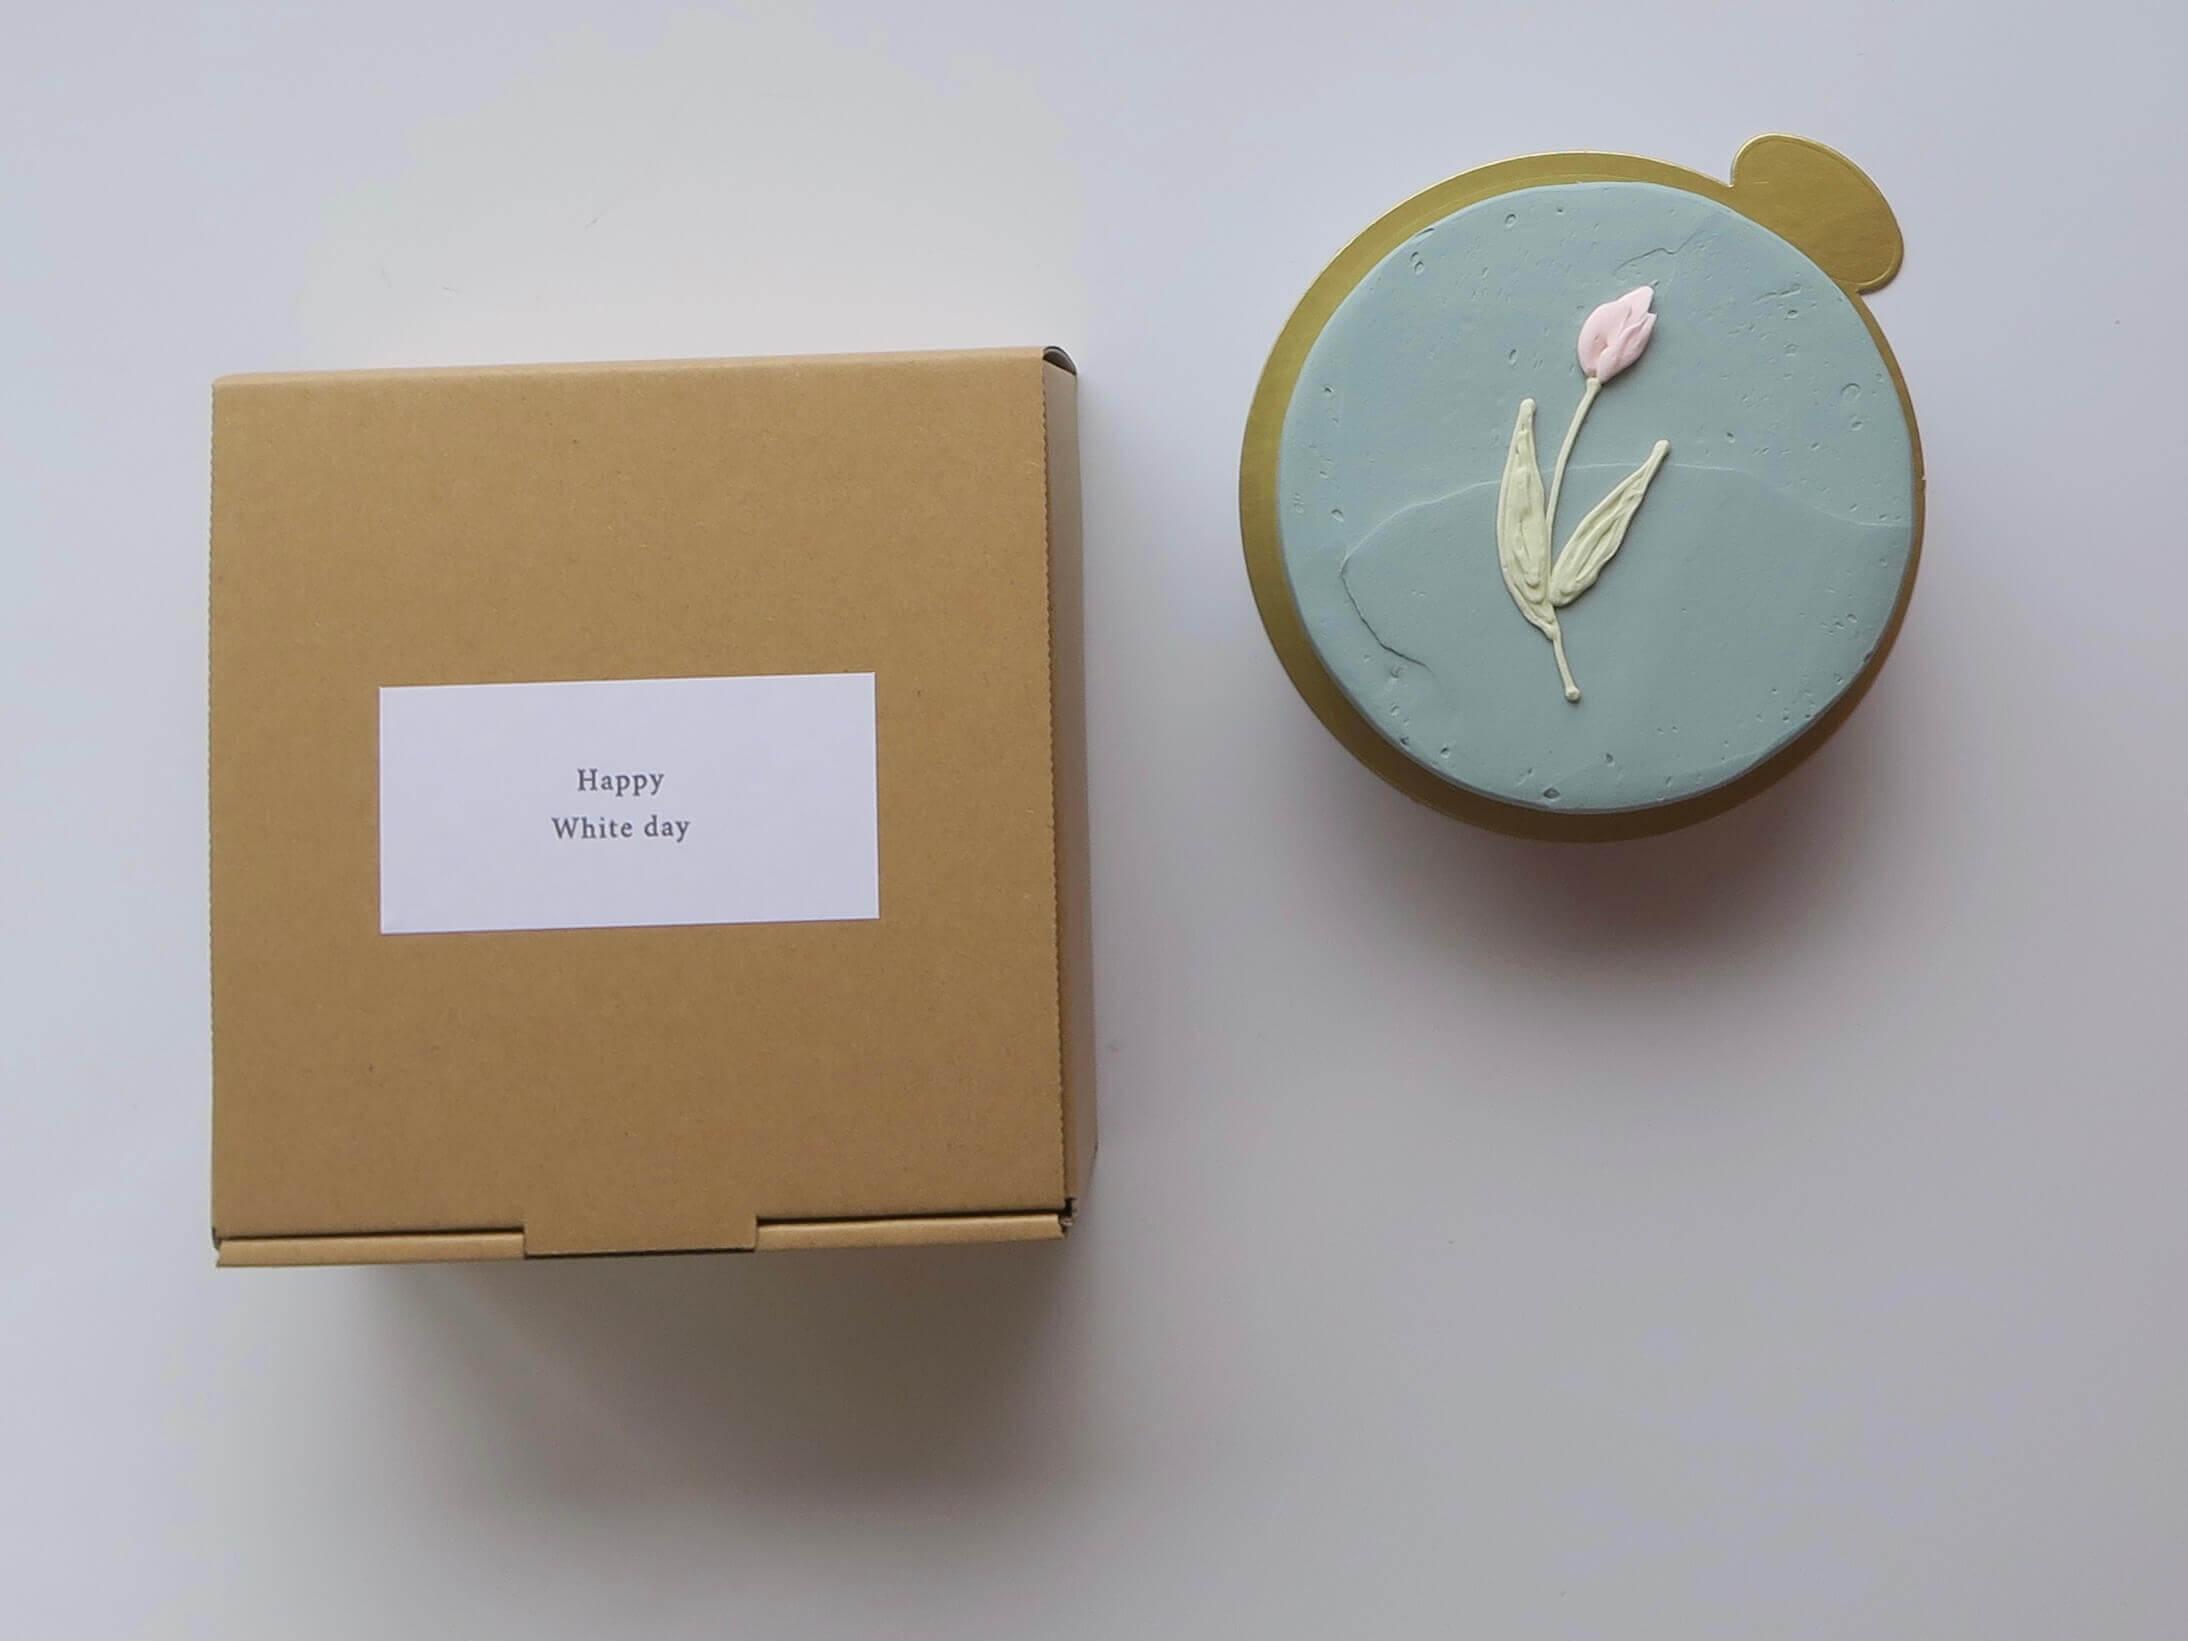 YUcake(ユーケイク)ホワイトデー限定デザインケーキ/¥3,960(税込み)